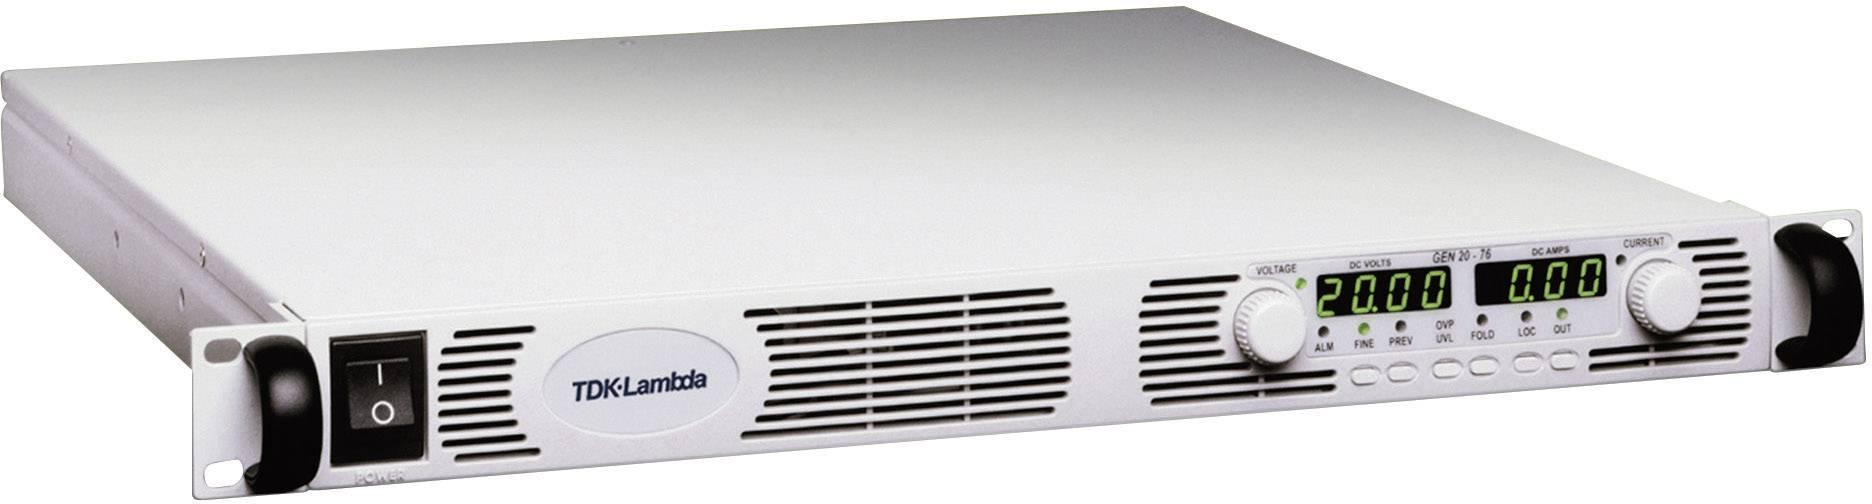 "19"" laboratórny zdroj s nastaviteľným napätím TDK-Lambda GEN-100-15, 0 - 100 V/DC, 0 - 15 A"